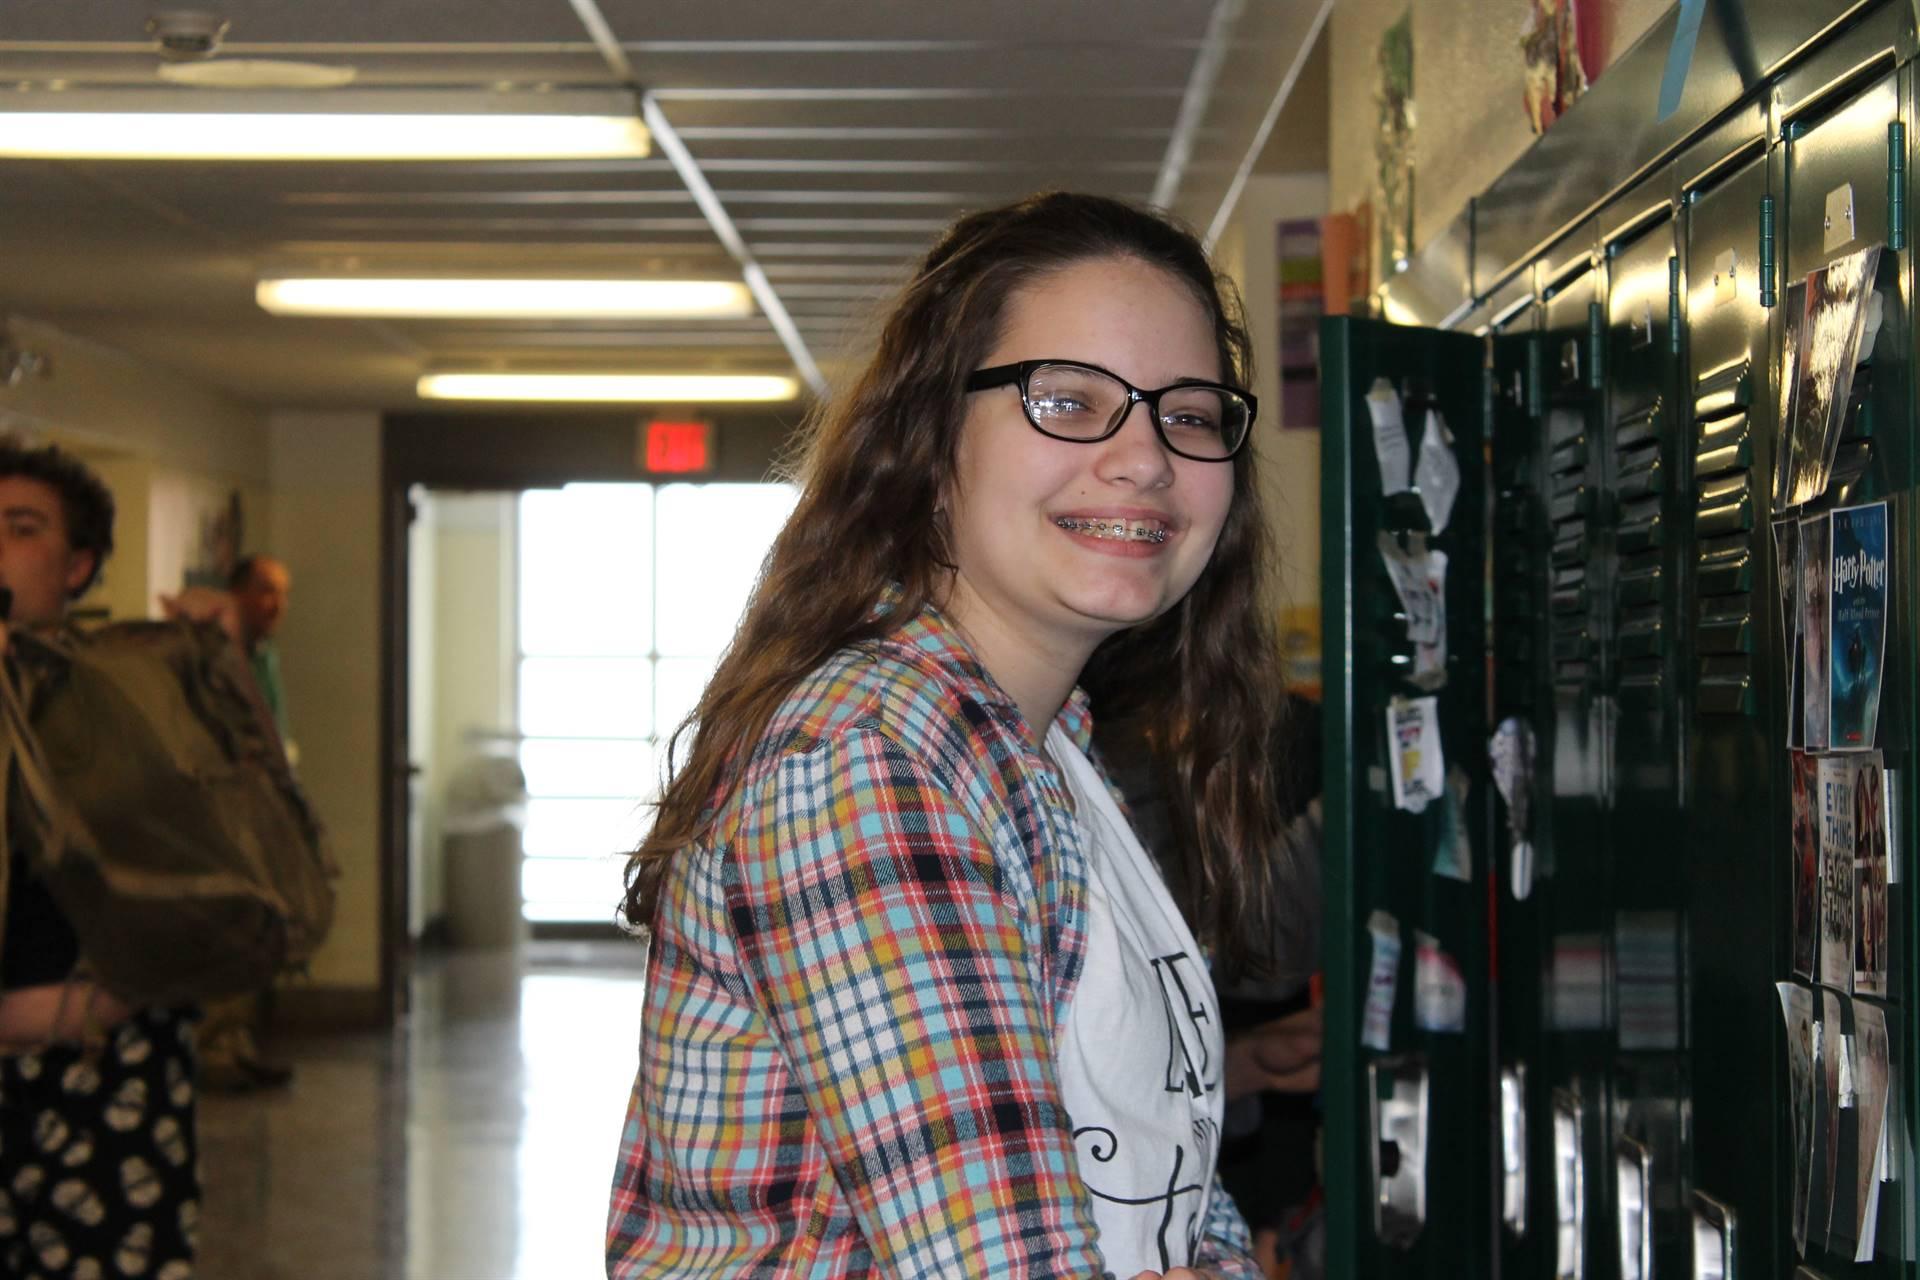 Girl standing at her locker